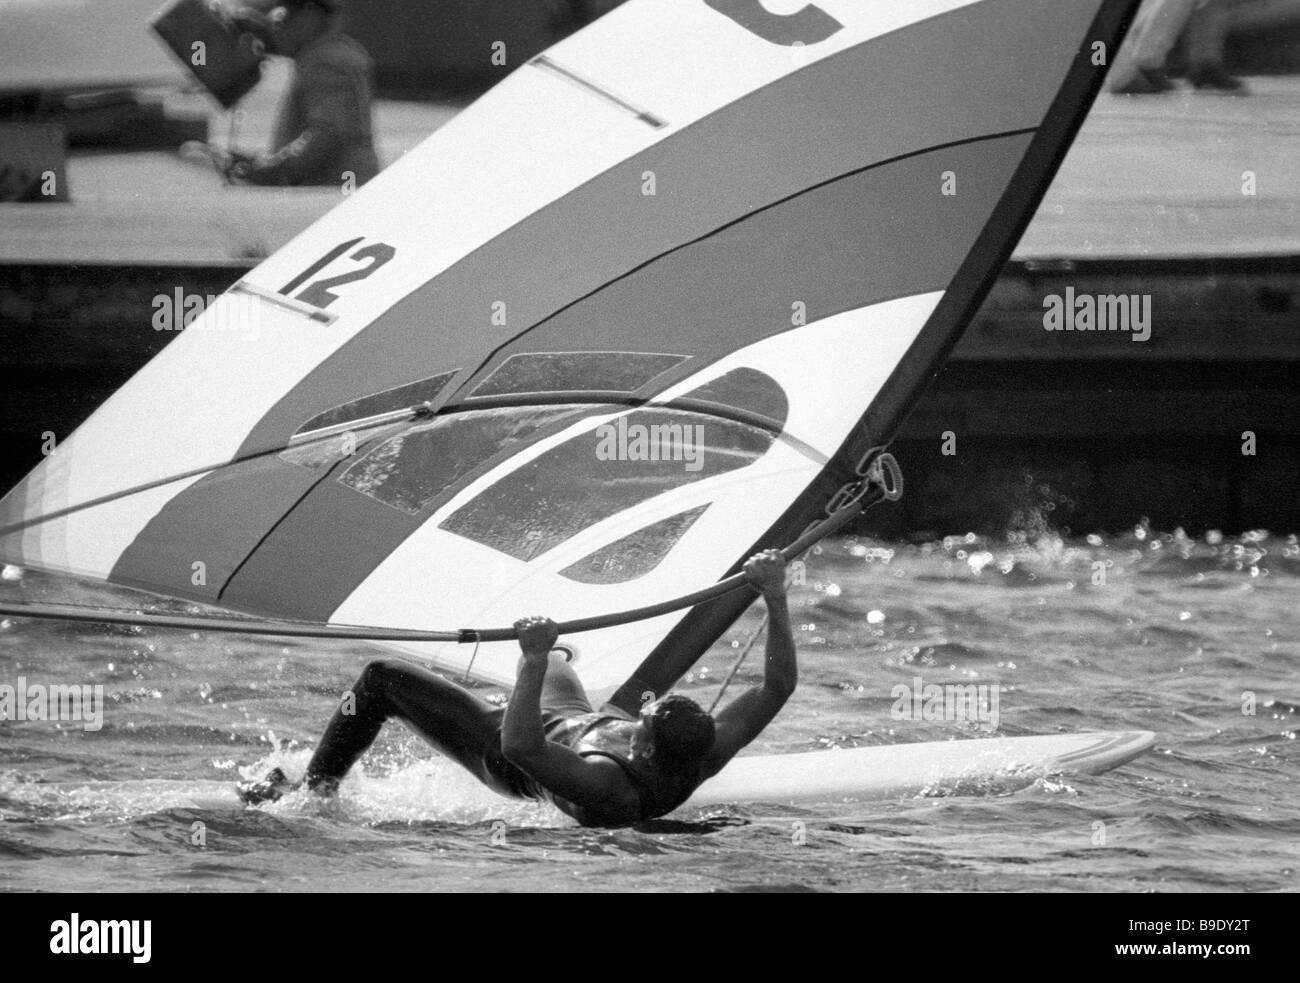 Un coureur fait un virage serré à un championnat du monde de vol à voile du vent Photo Stock